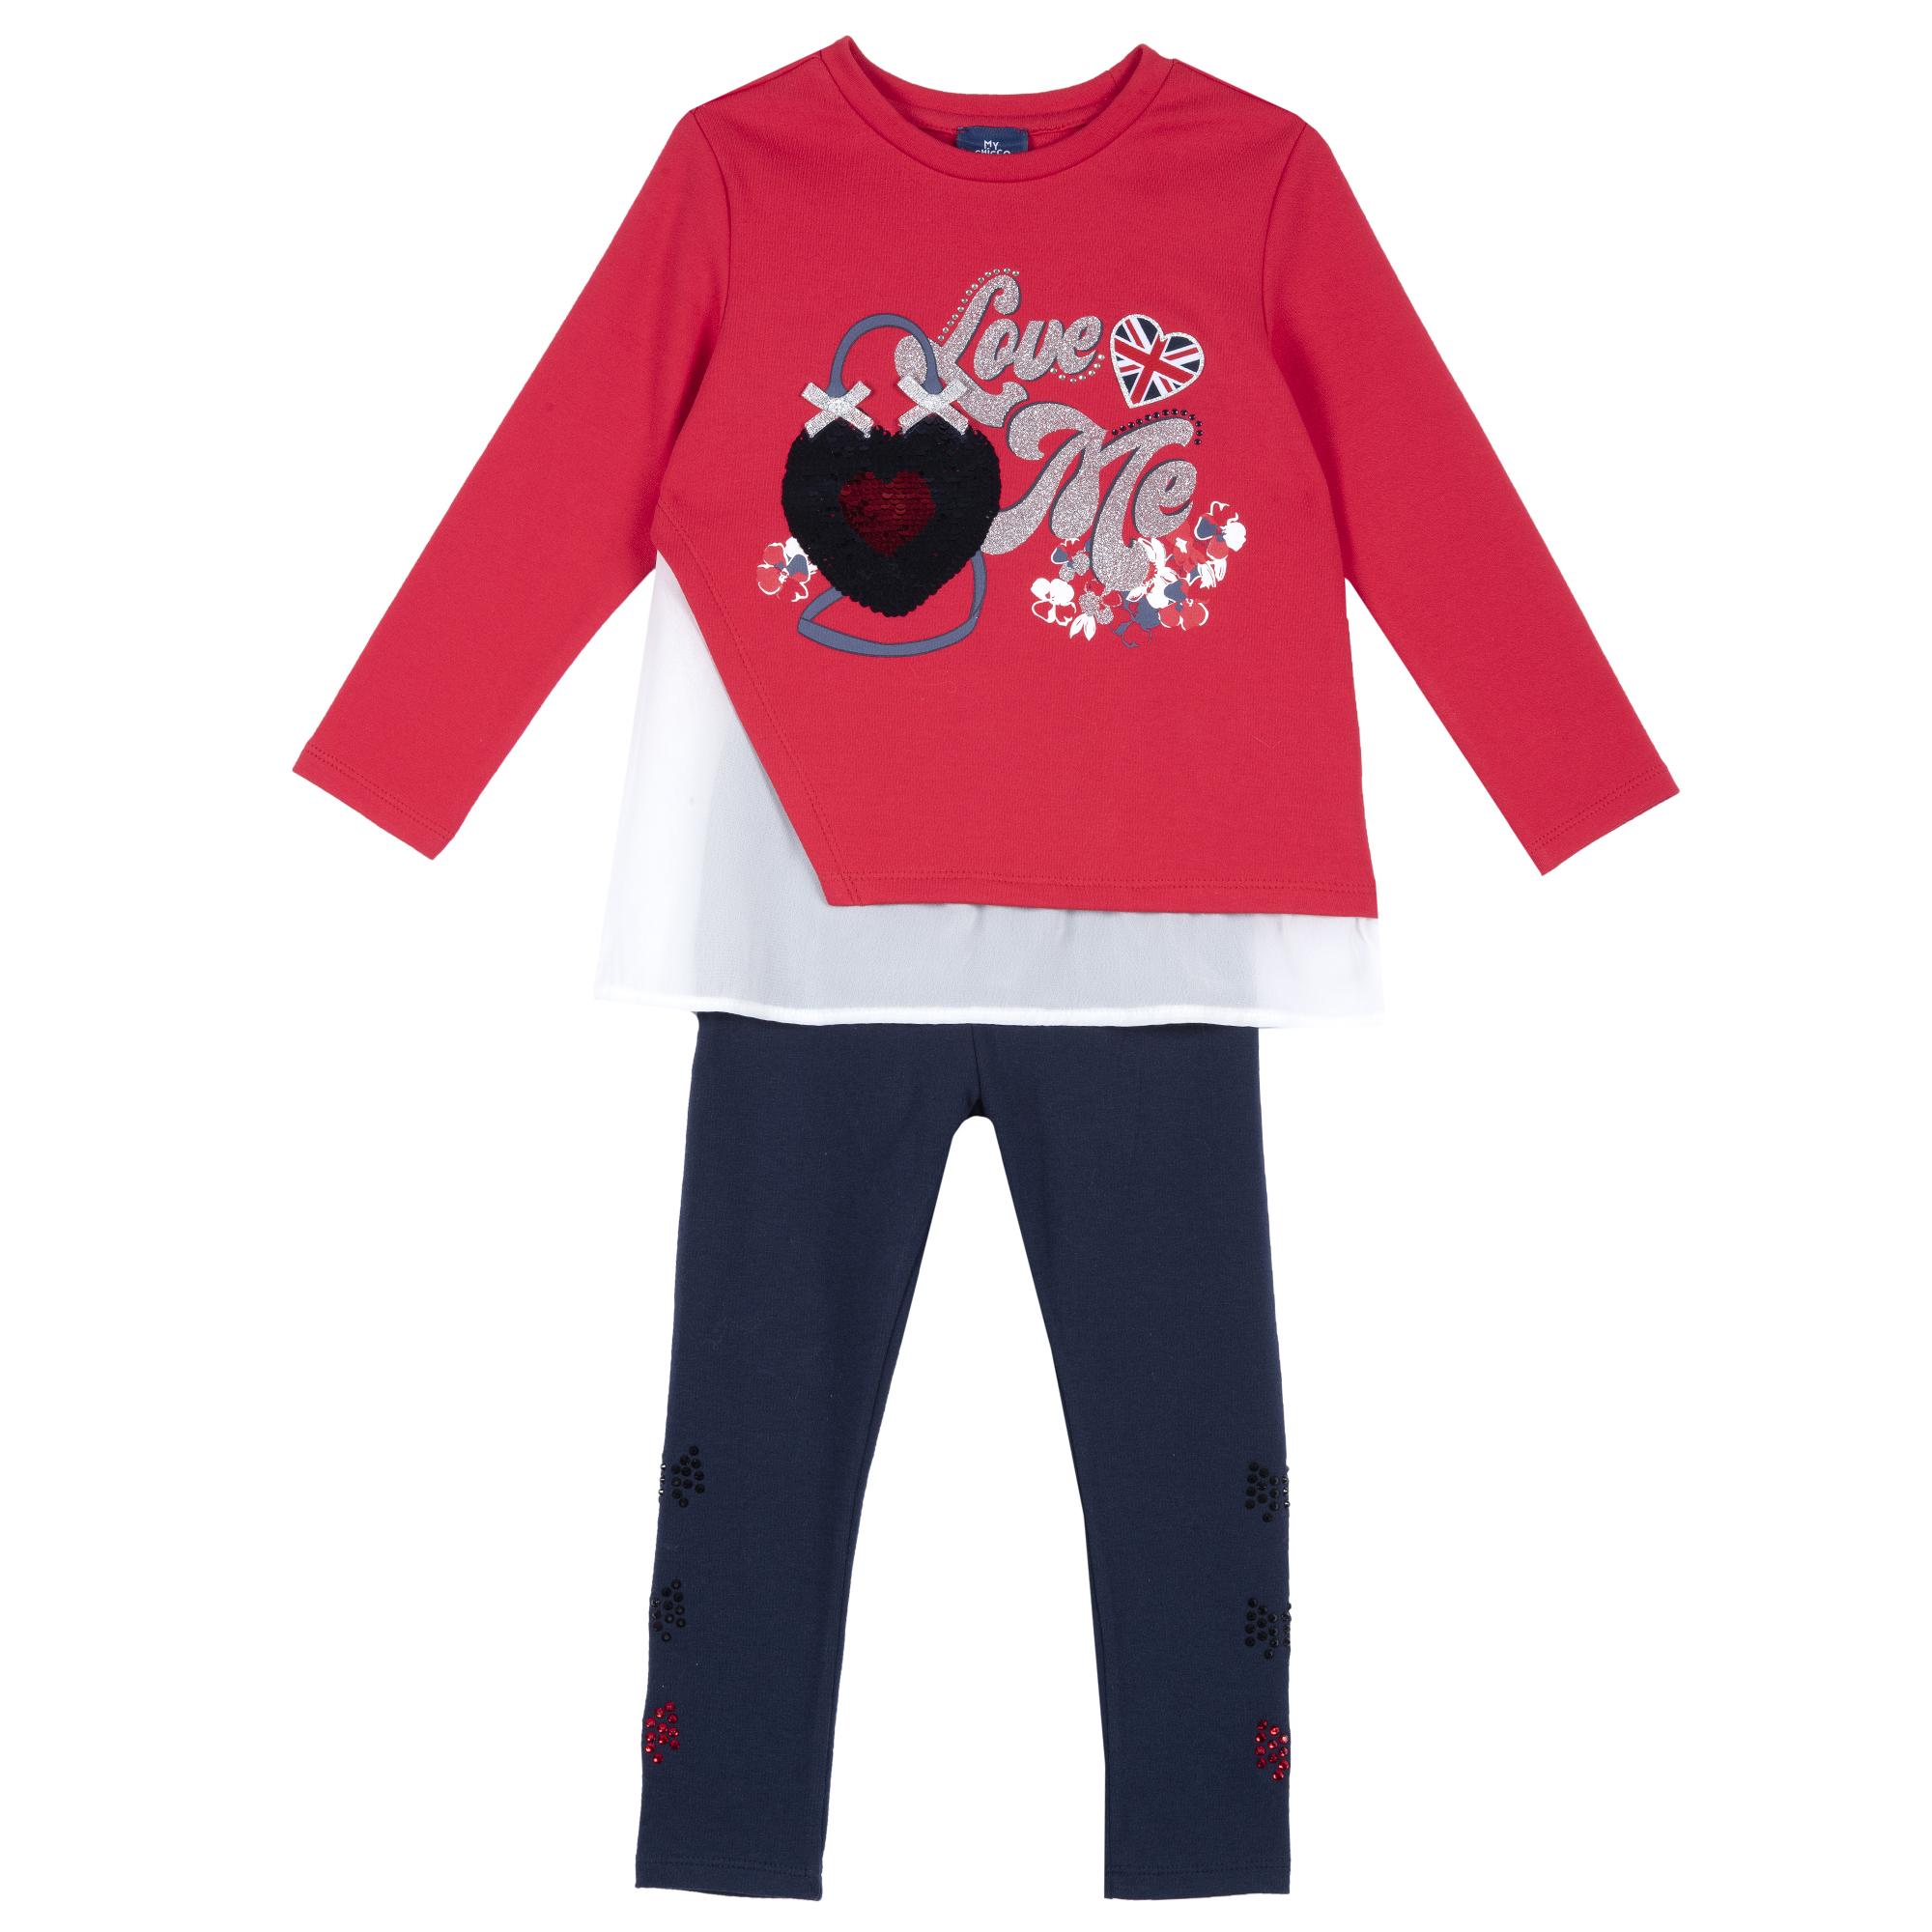 Bluza Si Pantalon Copii, Rosu Cu Insertii, 71484 imagine